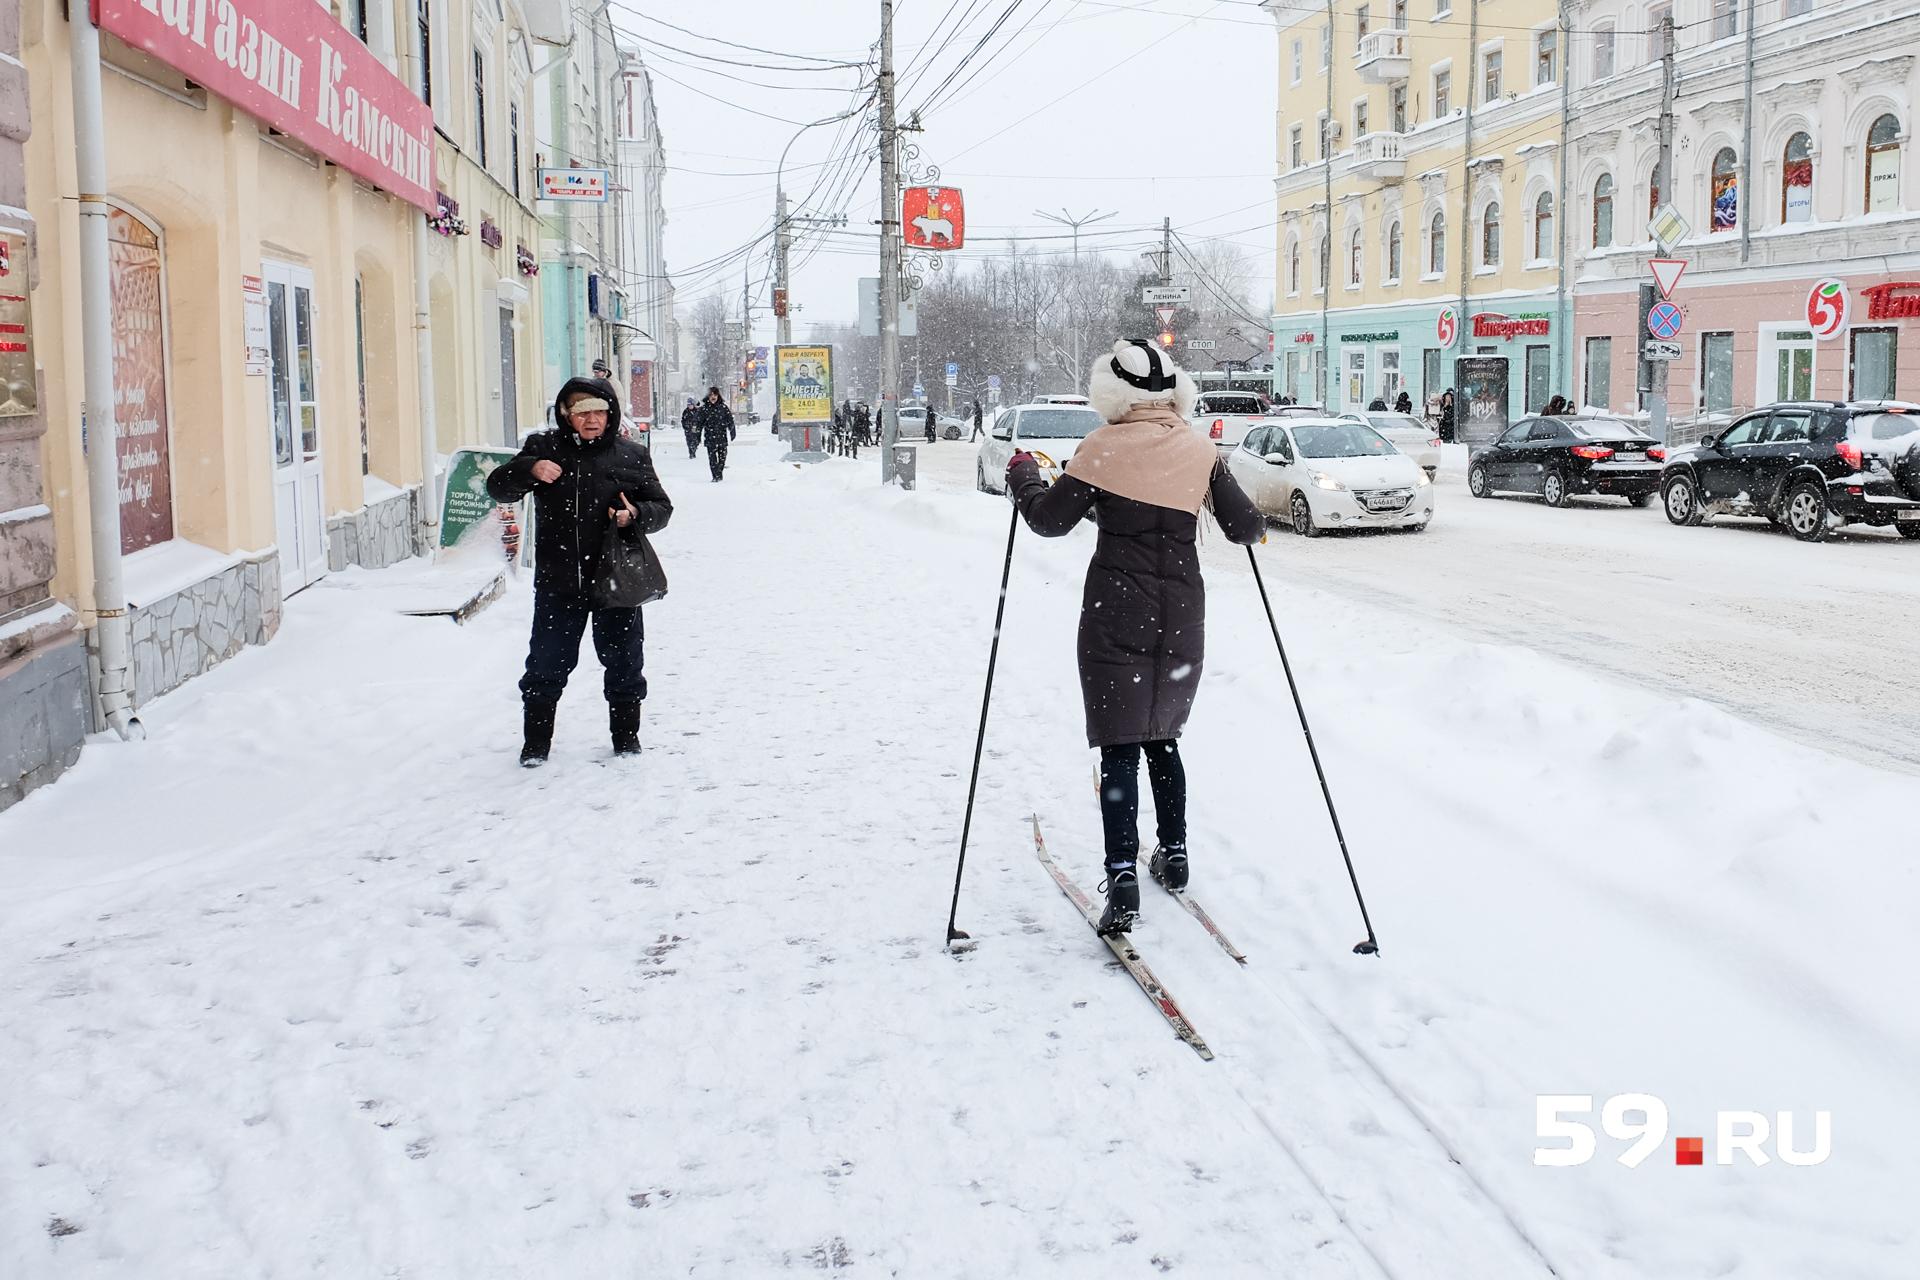 Только по магазинам с лыжами неудобно ходить